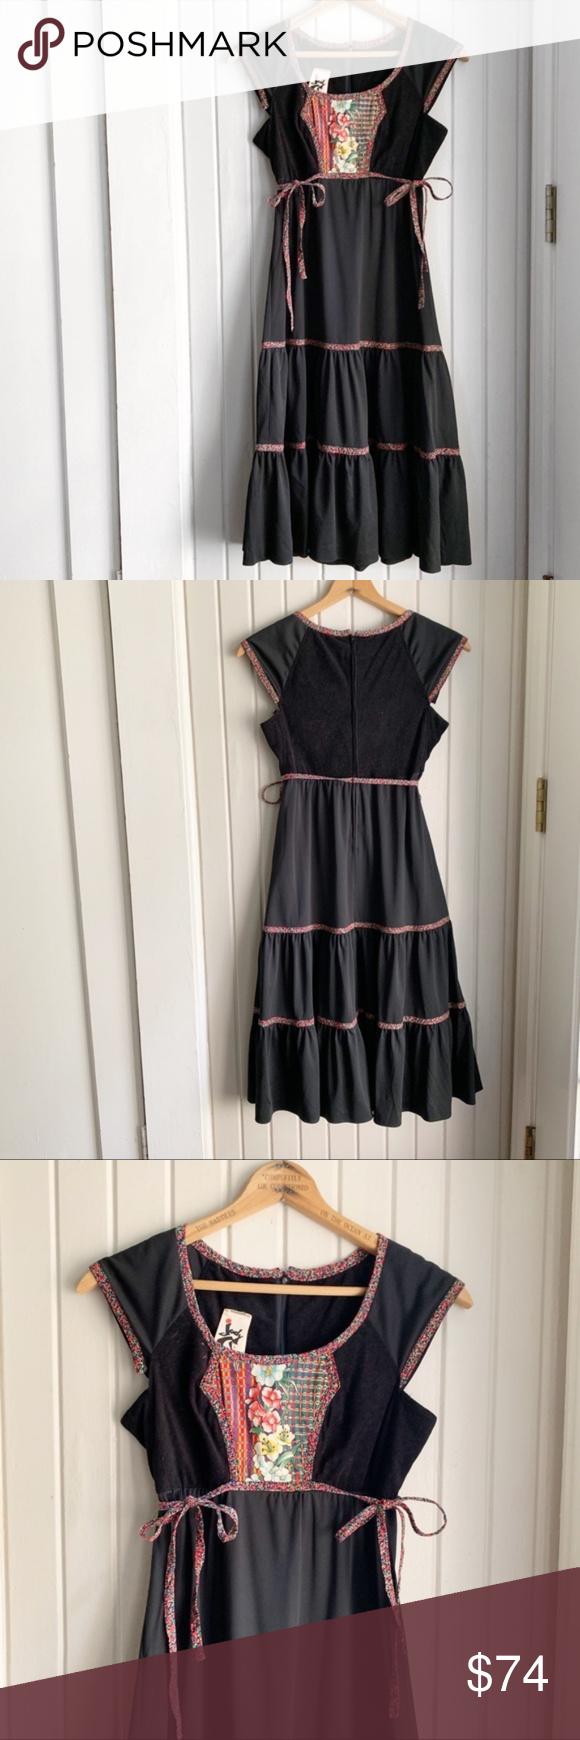 Vtg 70s Jody T Black Floral Prairie Dress K Boho Fashion Bohemian Prairie Dress Dresses [ 1740 x 580 Pixel ]